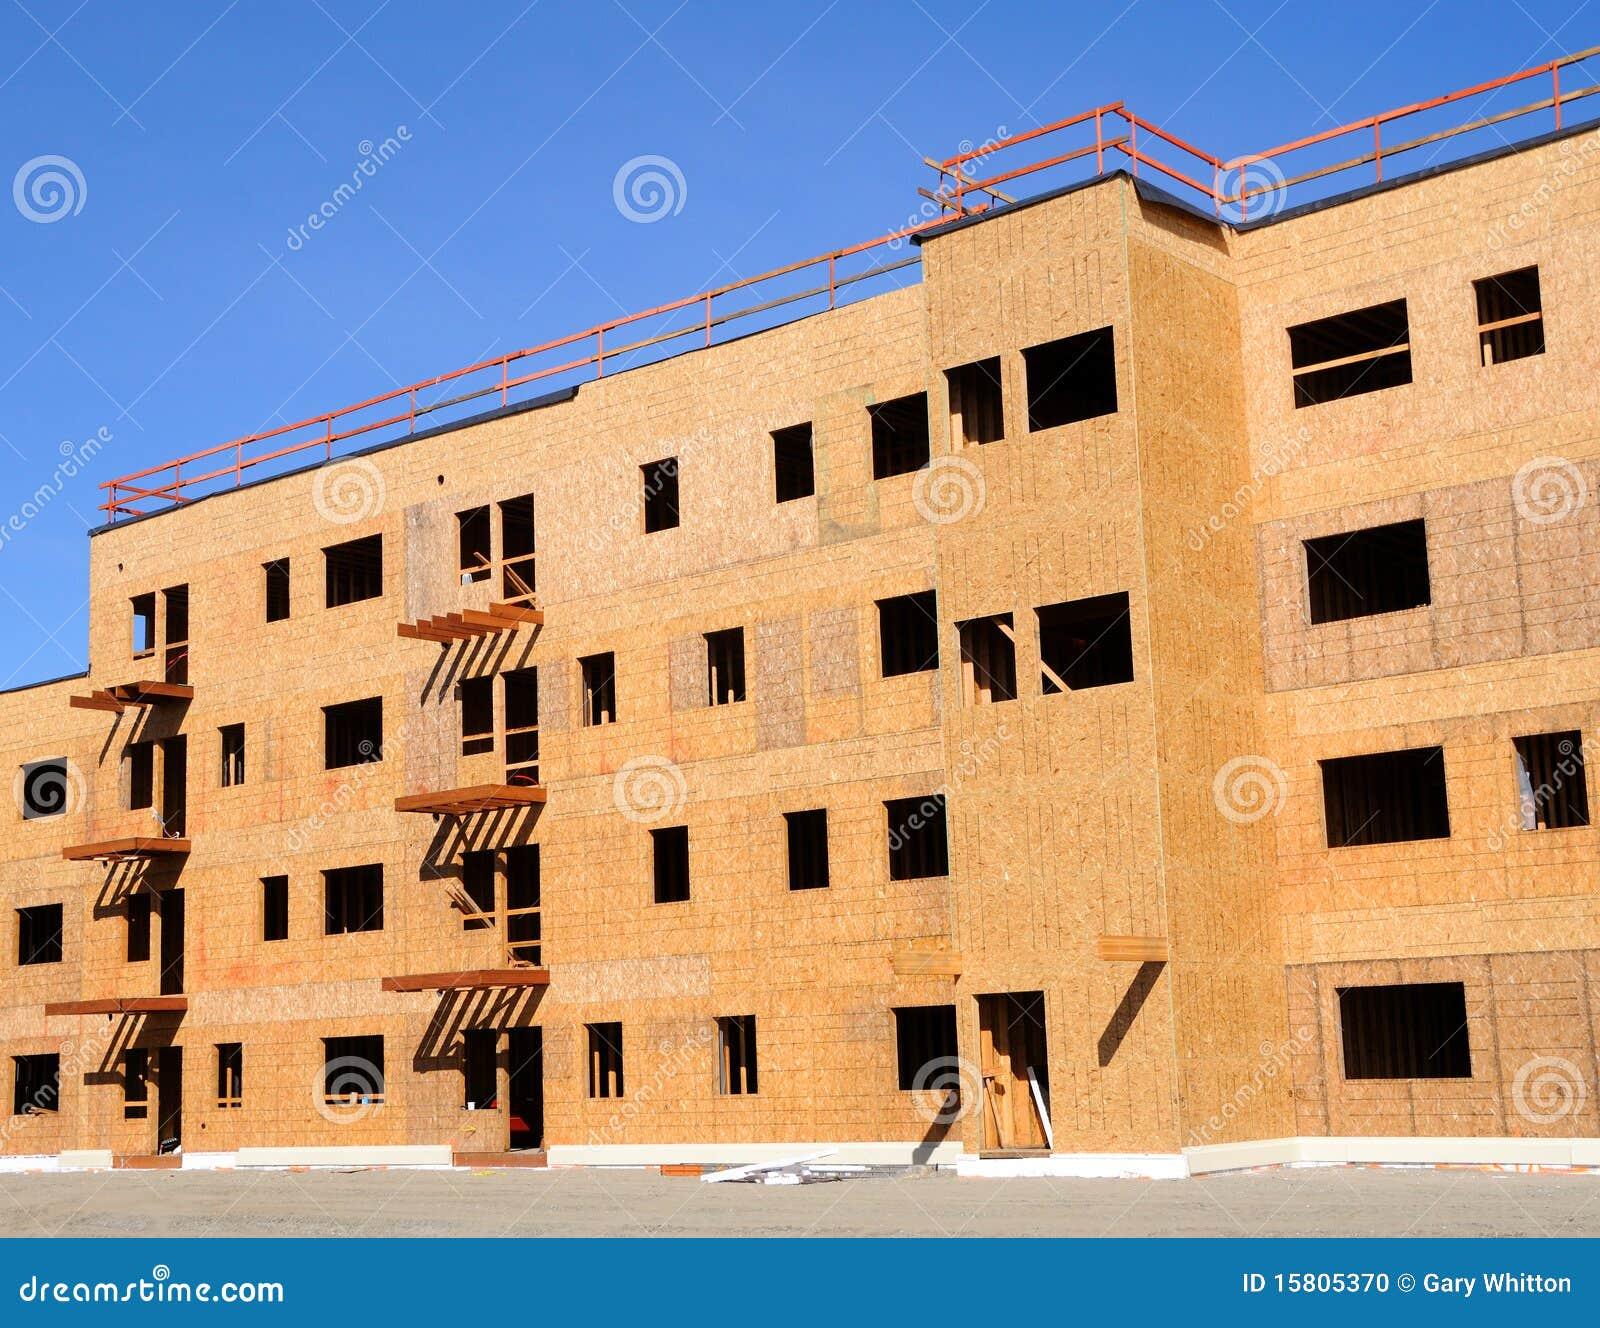 Senior Housing Apartments Stock Photo. Image Of Units